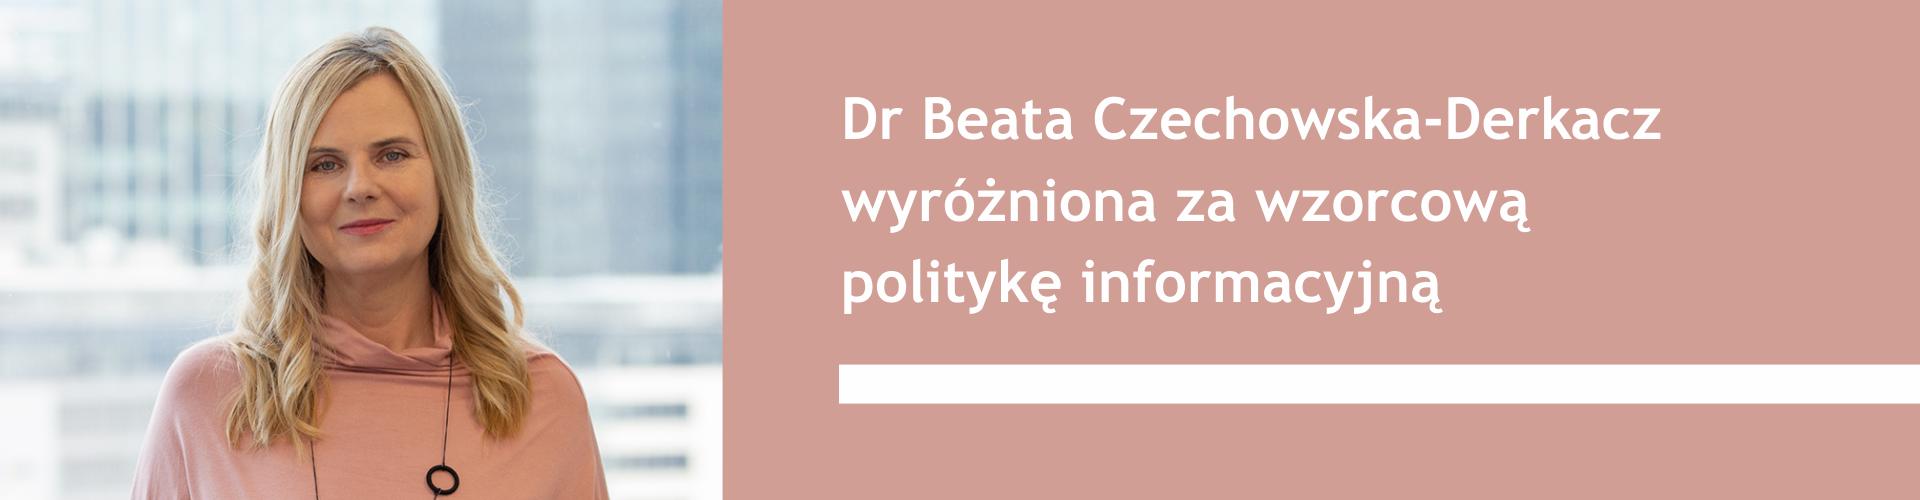 Dr Beata Czechowska-Derkacz wyróżniona za wzorcową politykę informacyjną